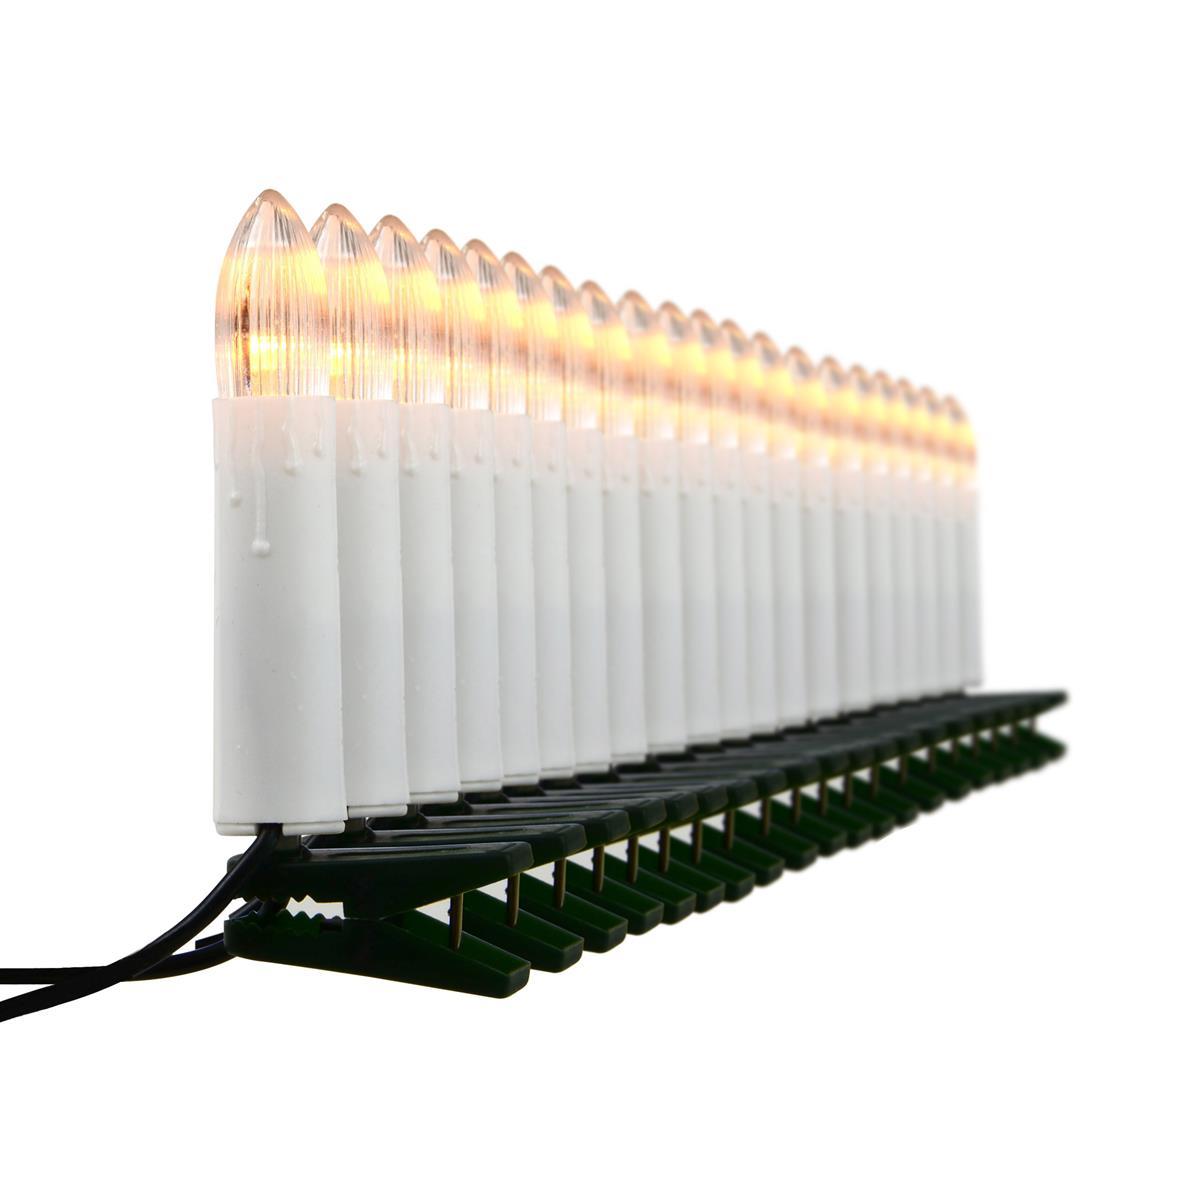 20 LED Lichterkette Weihnachtsbaumbeleuchtung warm weiß Christbaumkerzen Xmas